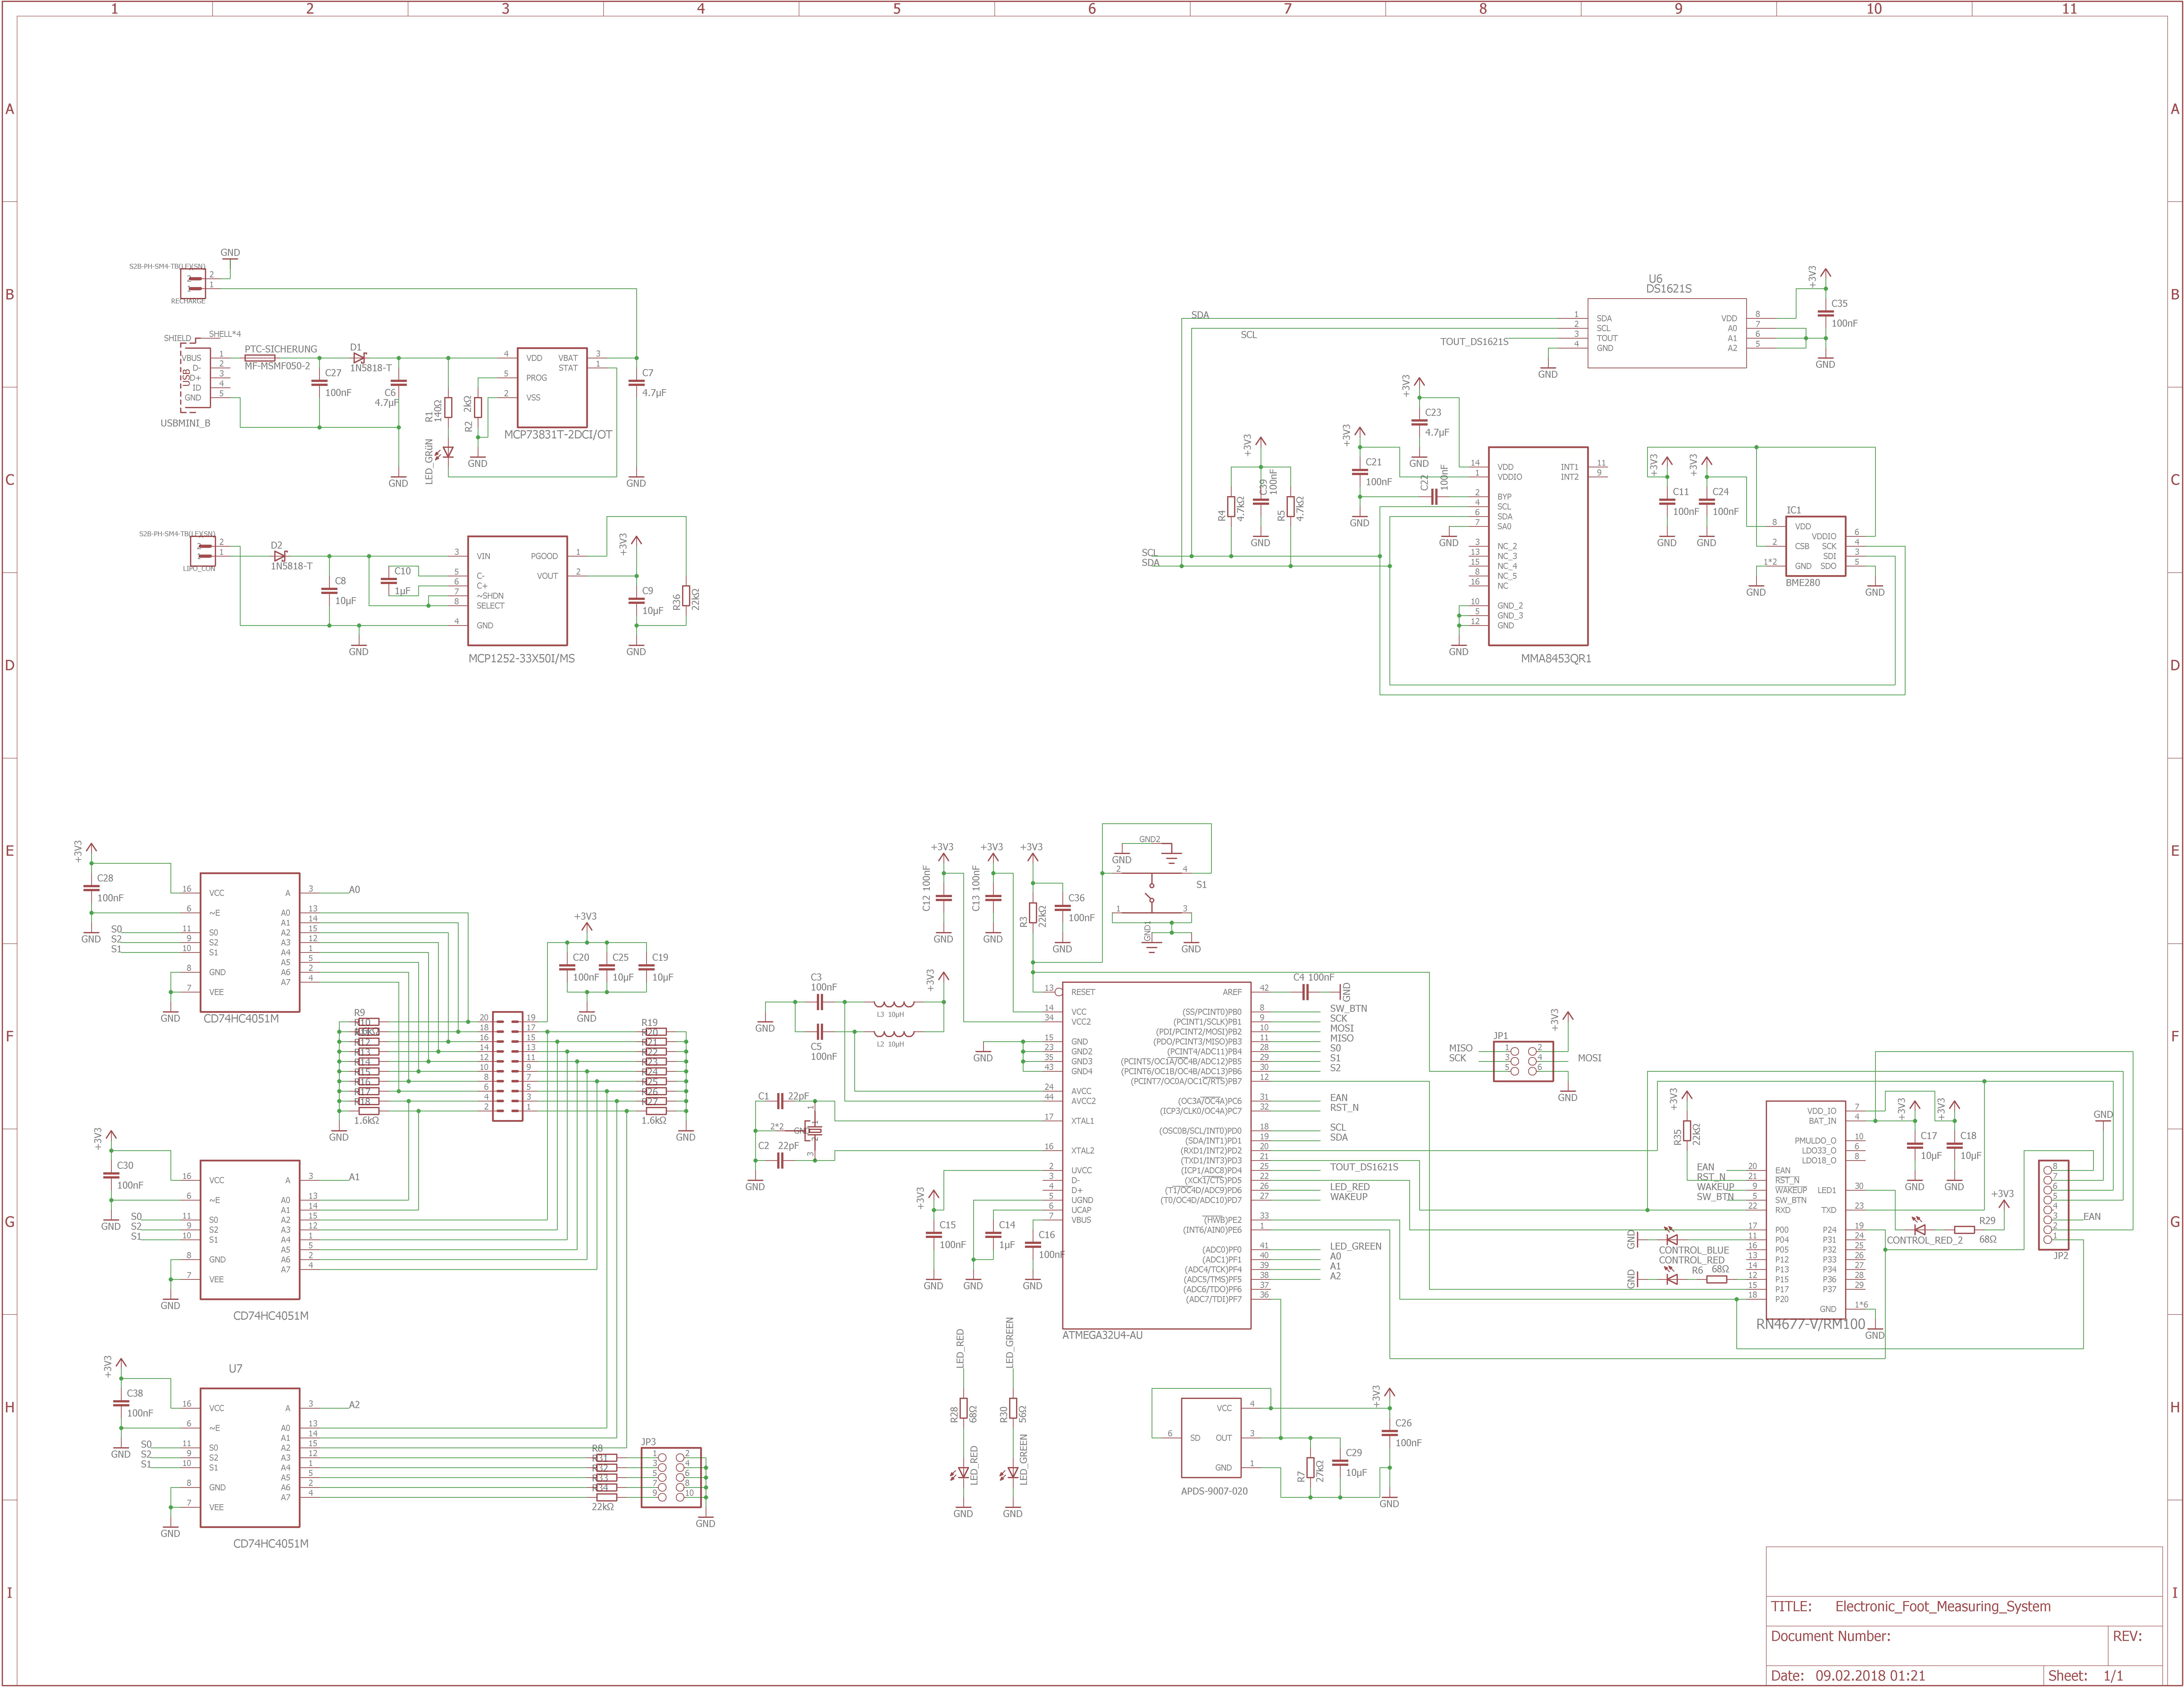 Fein Deutz Lichtmaschine Schaltplan Fotos - Elektrische Schaltplan ...